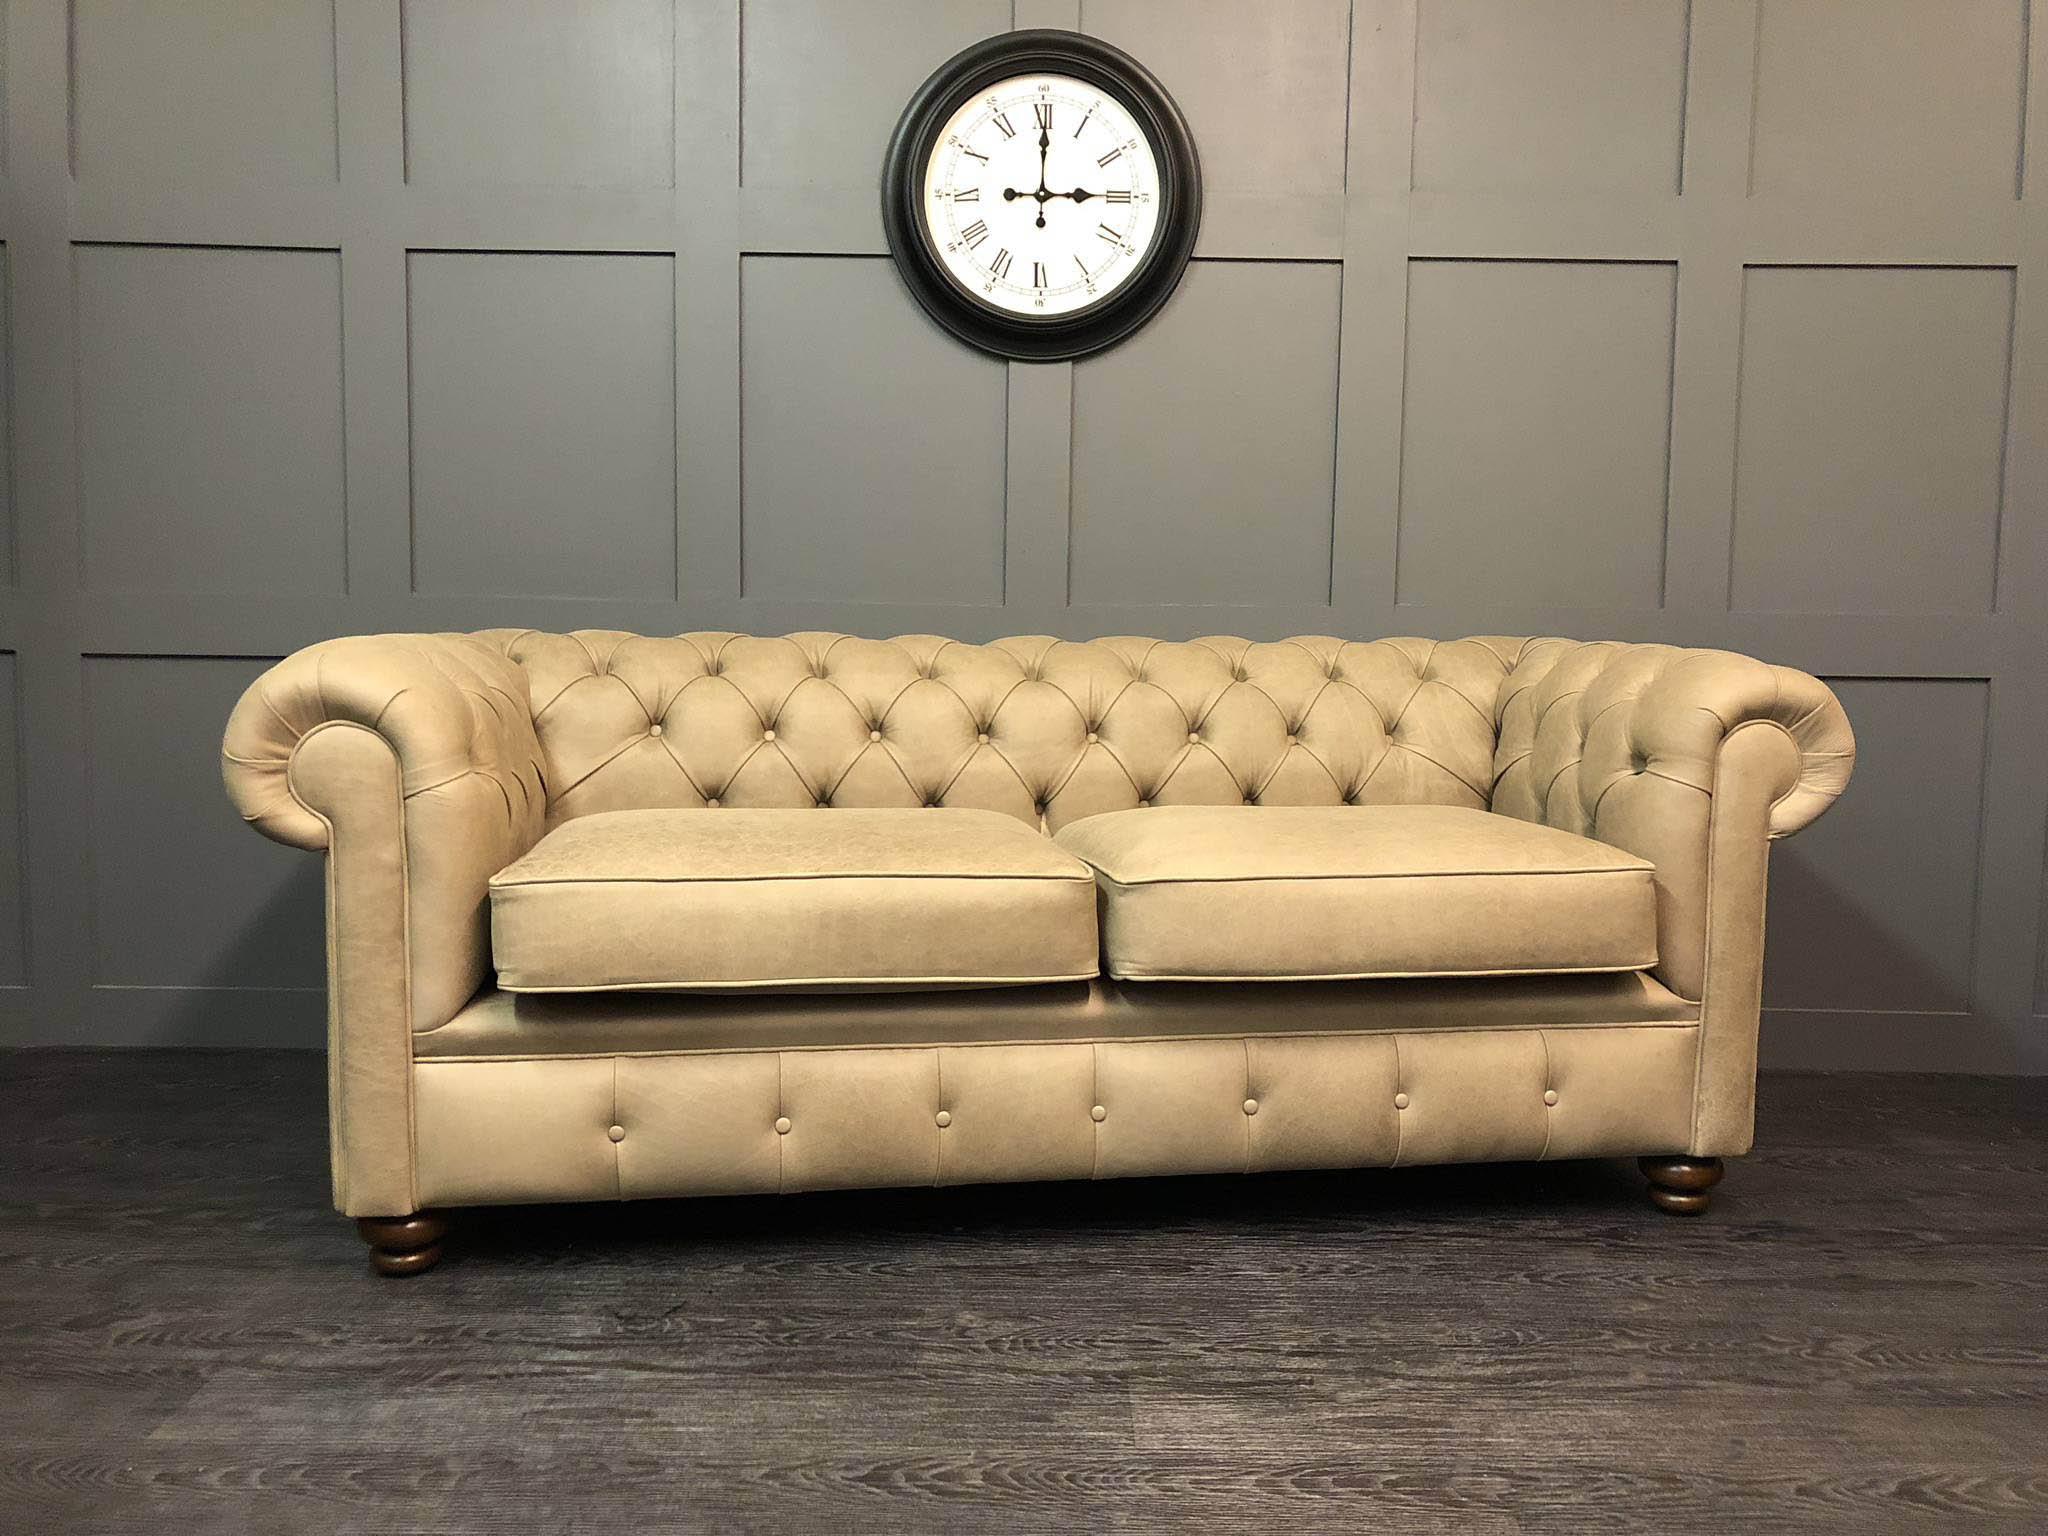 Selvaggio Hare Essex 3 Seat Sofa